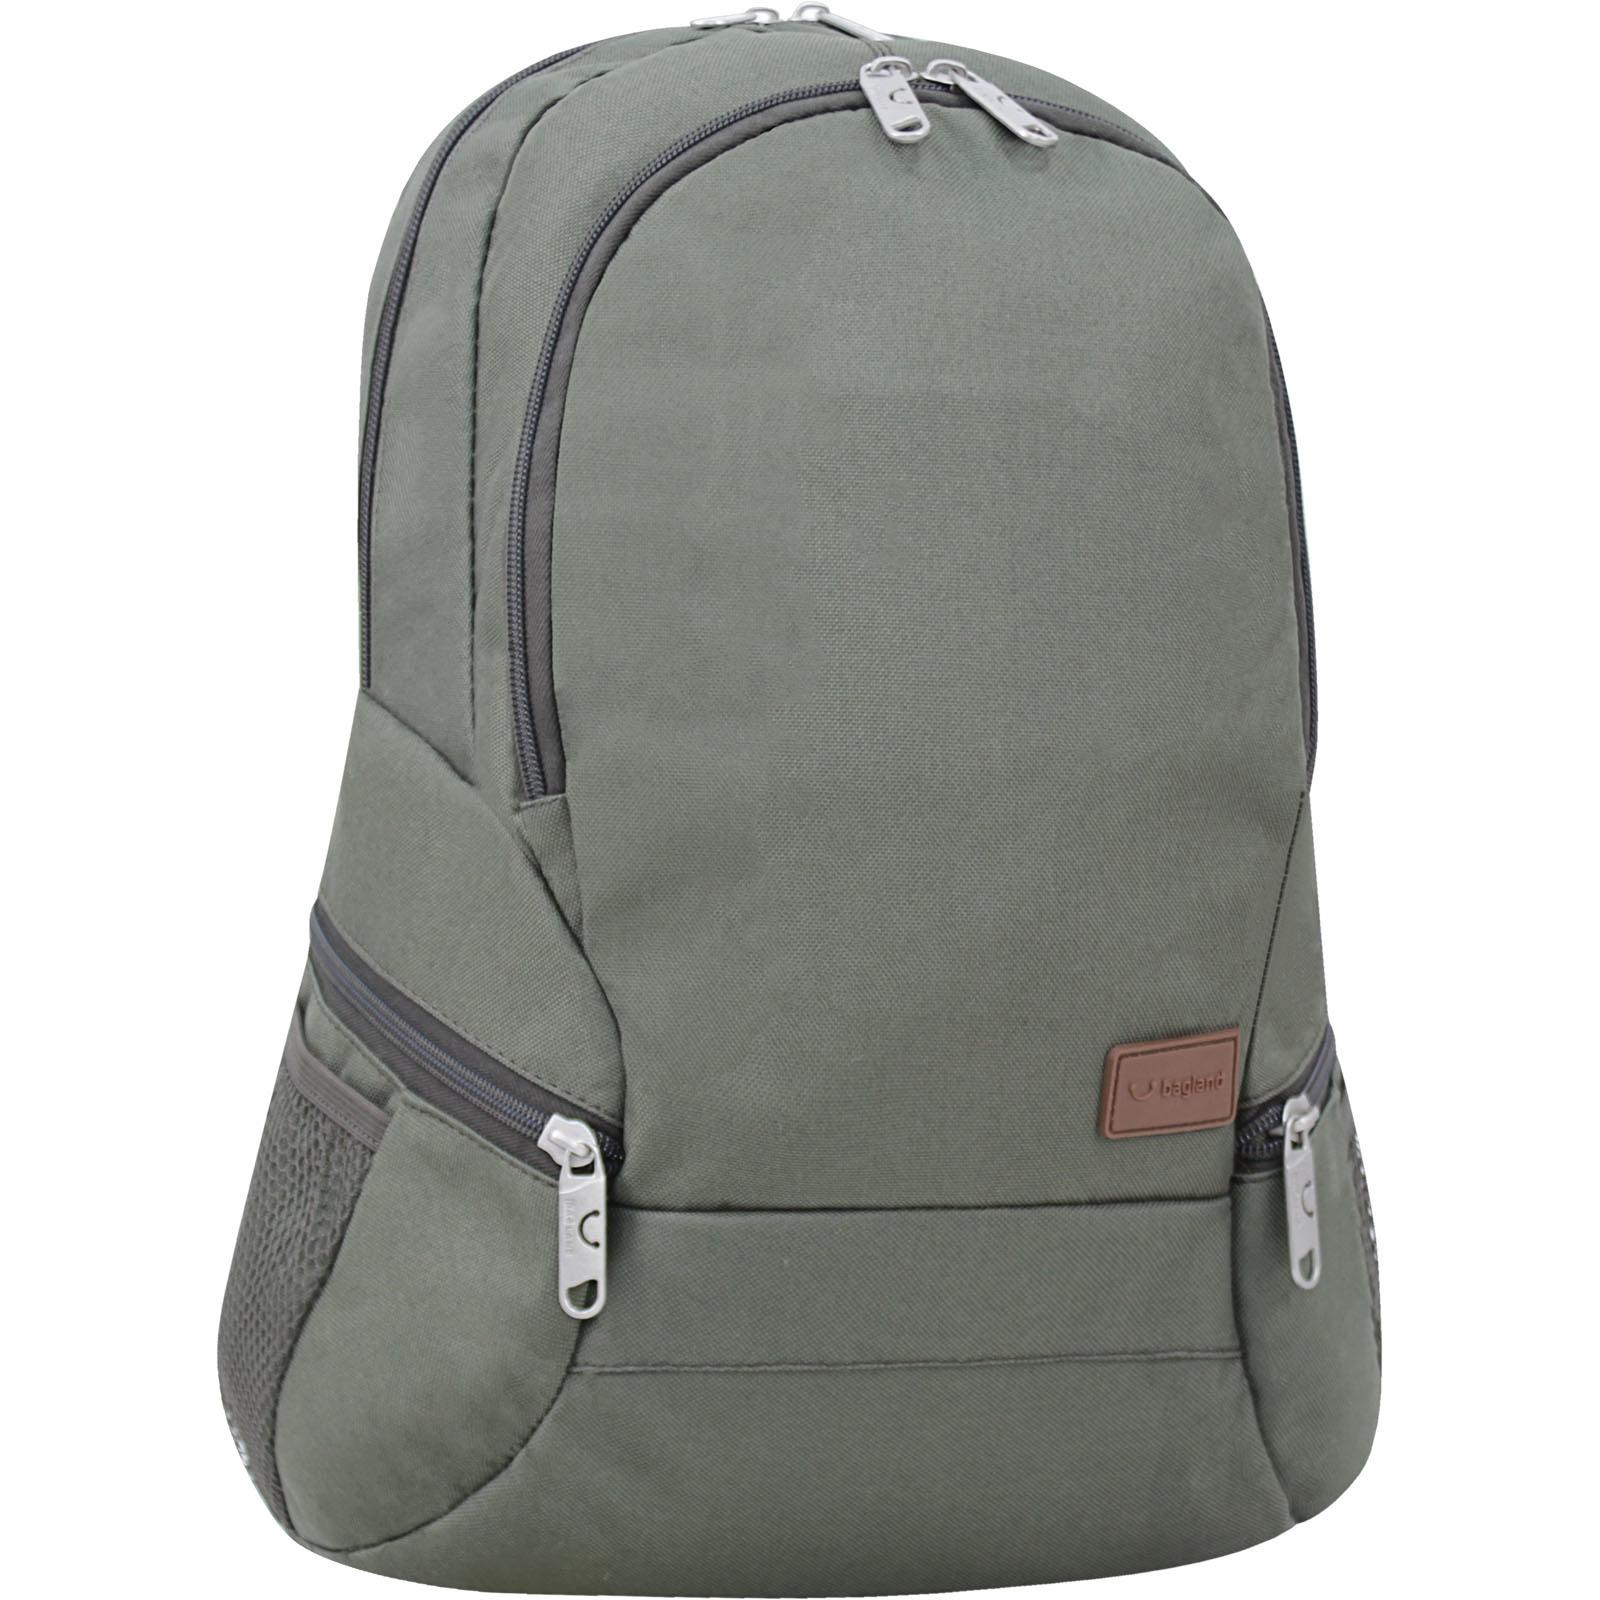 Городские рюкзаки Рюкзак Bagland Urban 20 л. Хаки (0053066) IMG_6770-1600.jpg